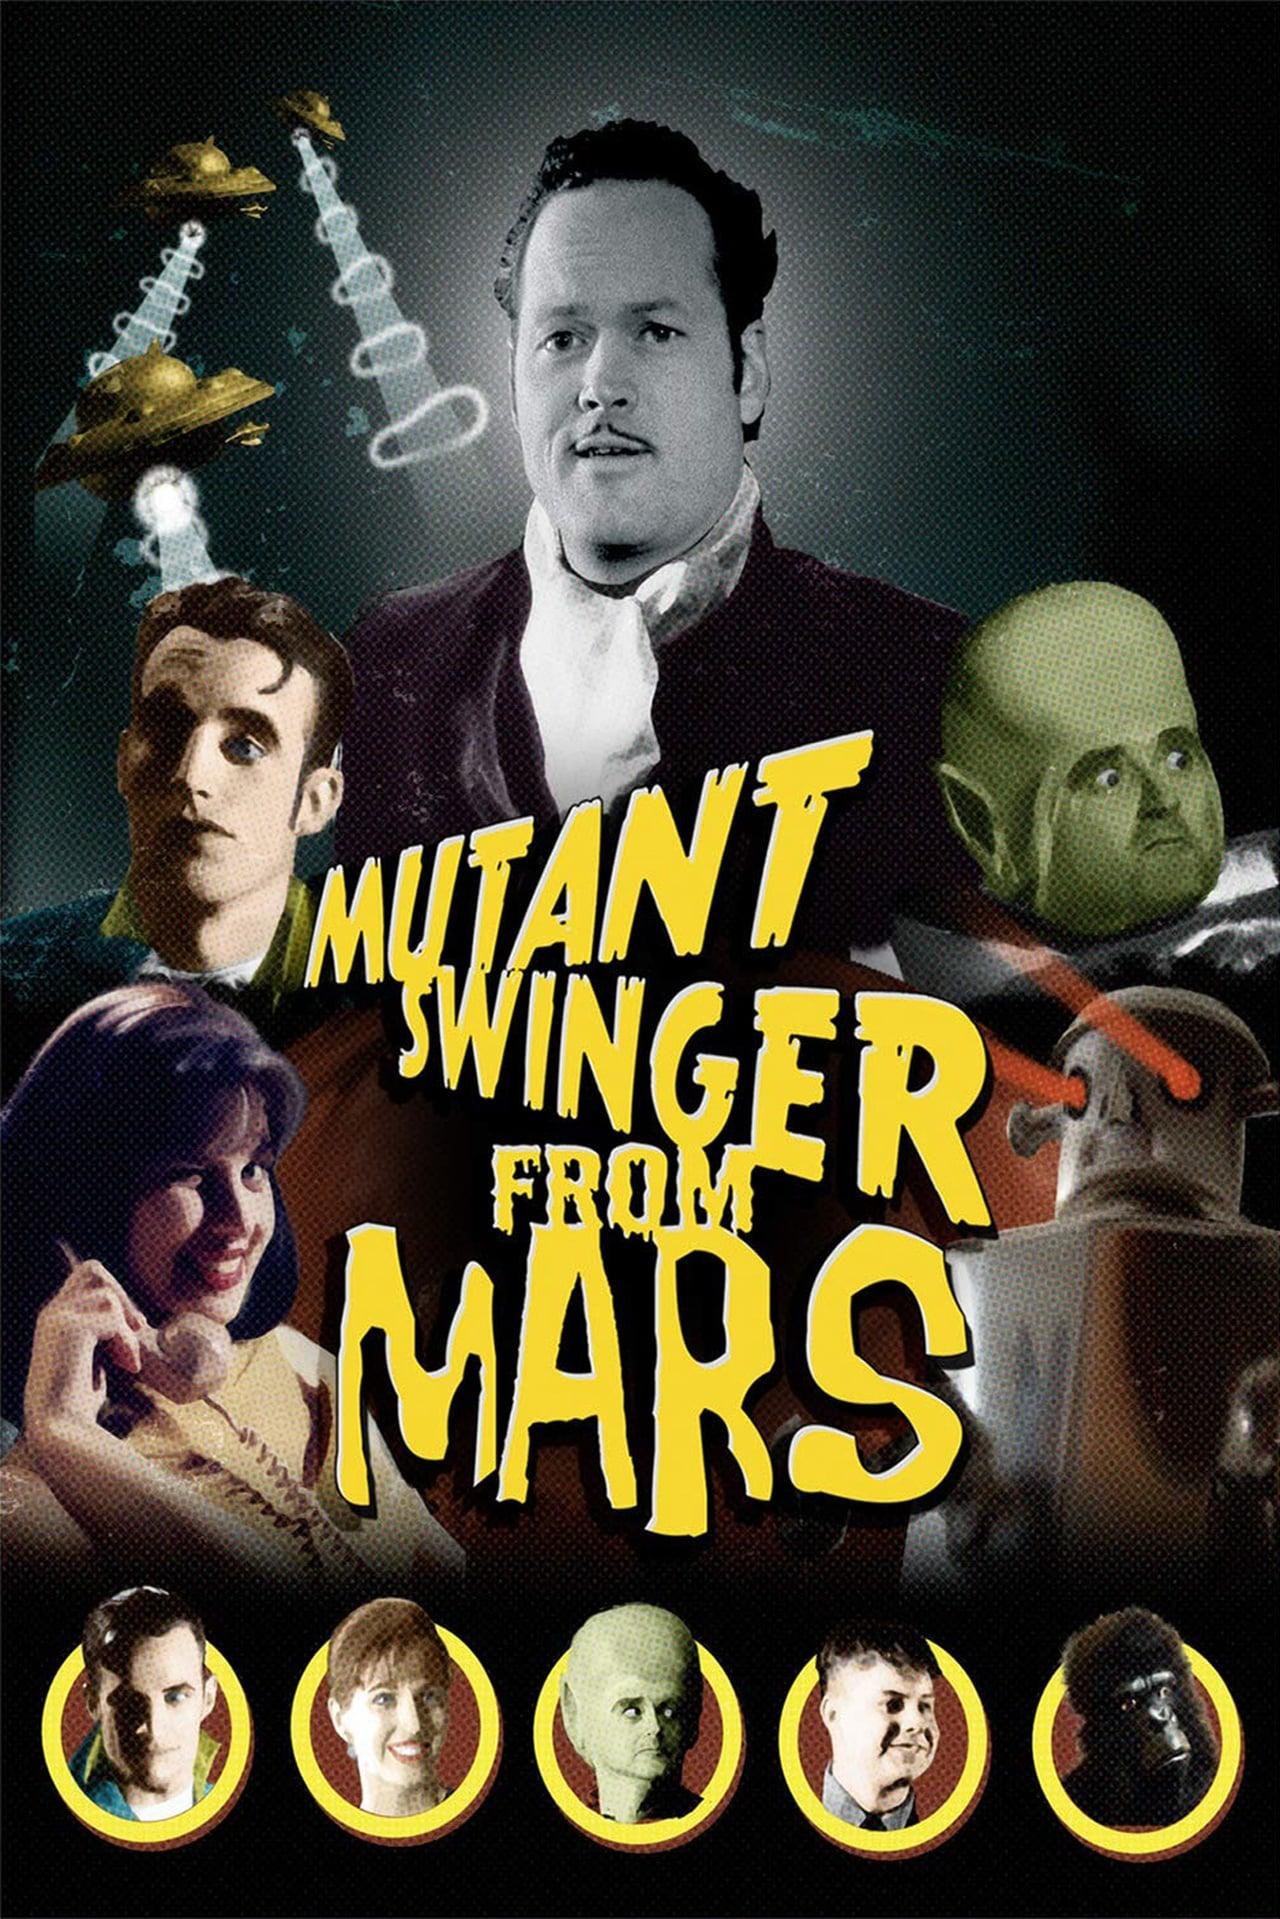 Mutant Swinger From Mars